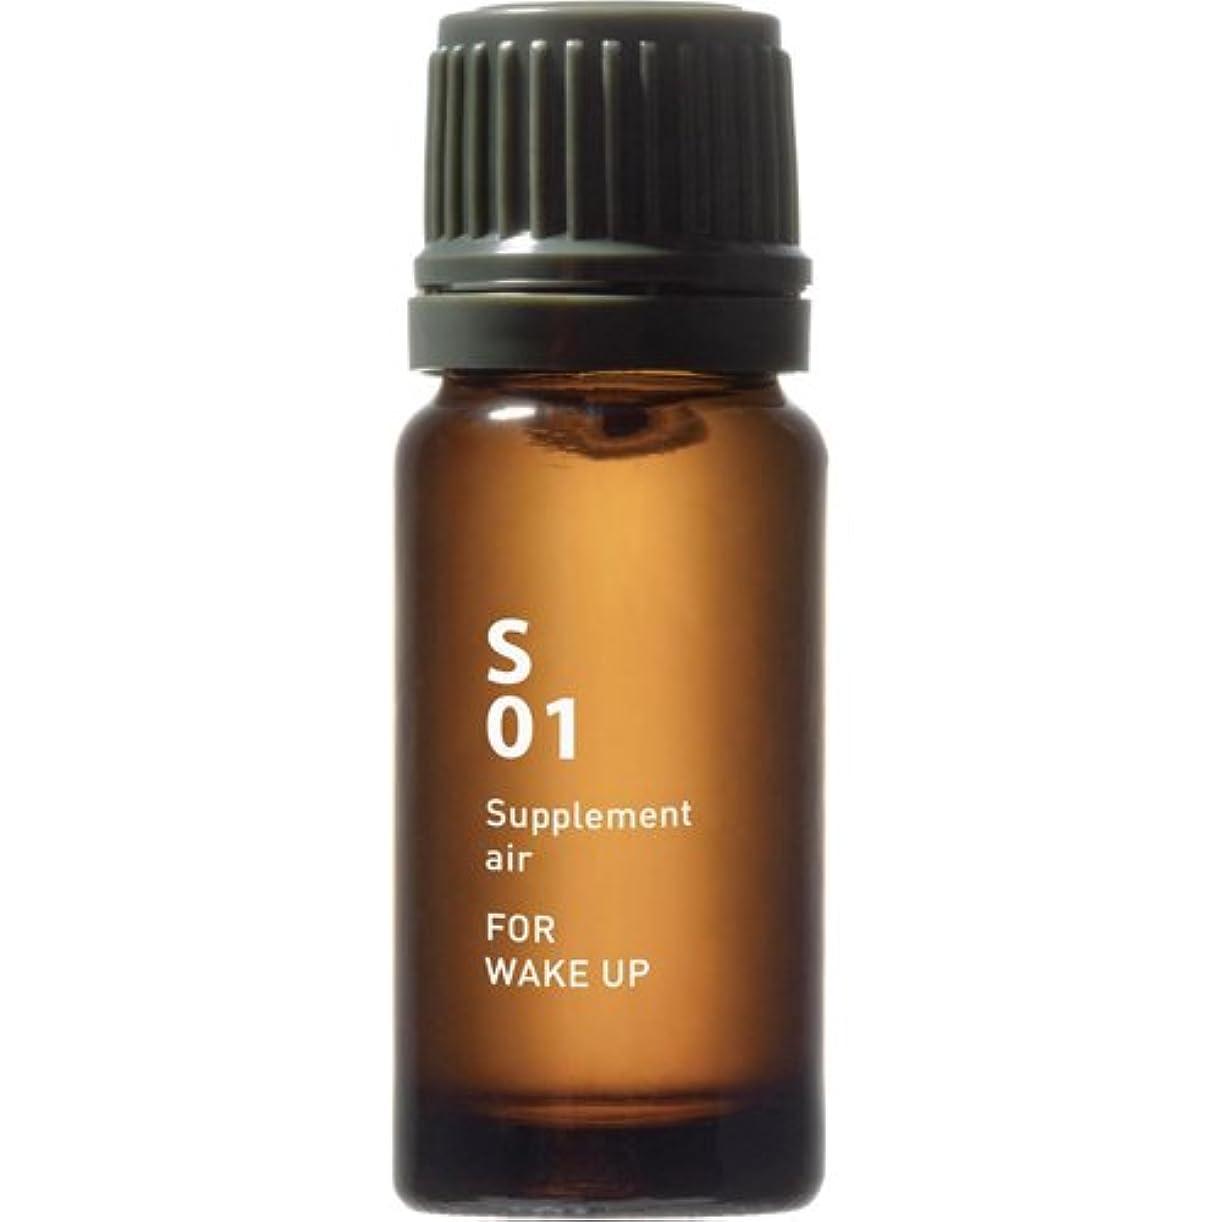 甘やかす学士国内のS01 FOR WAKE UP Supplement air 10ml